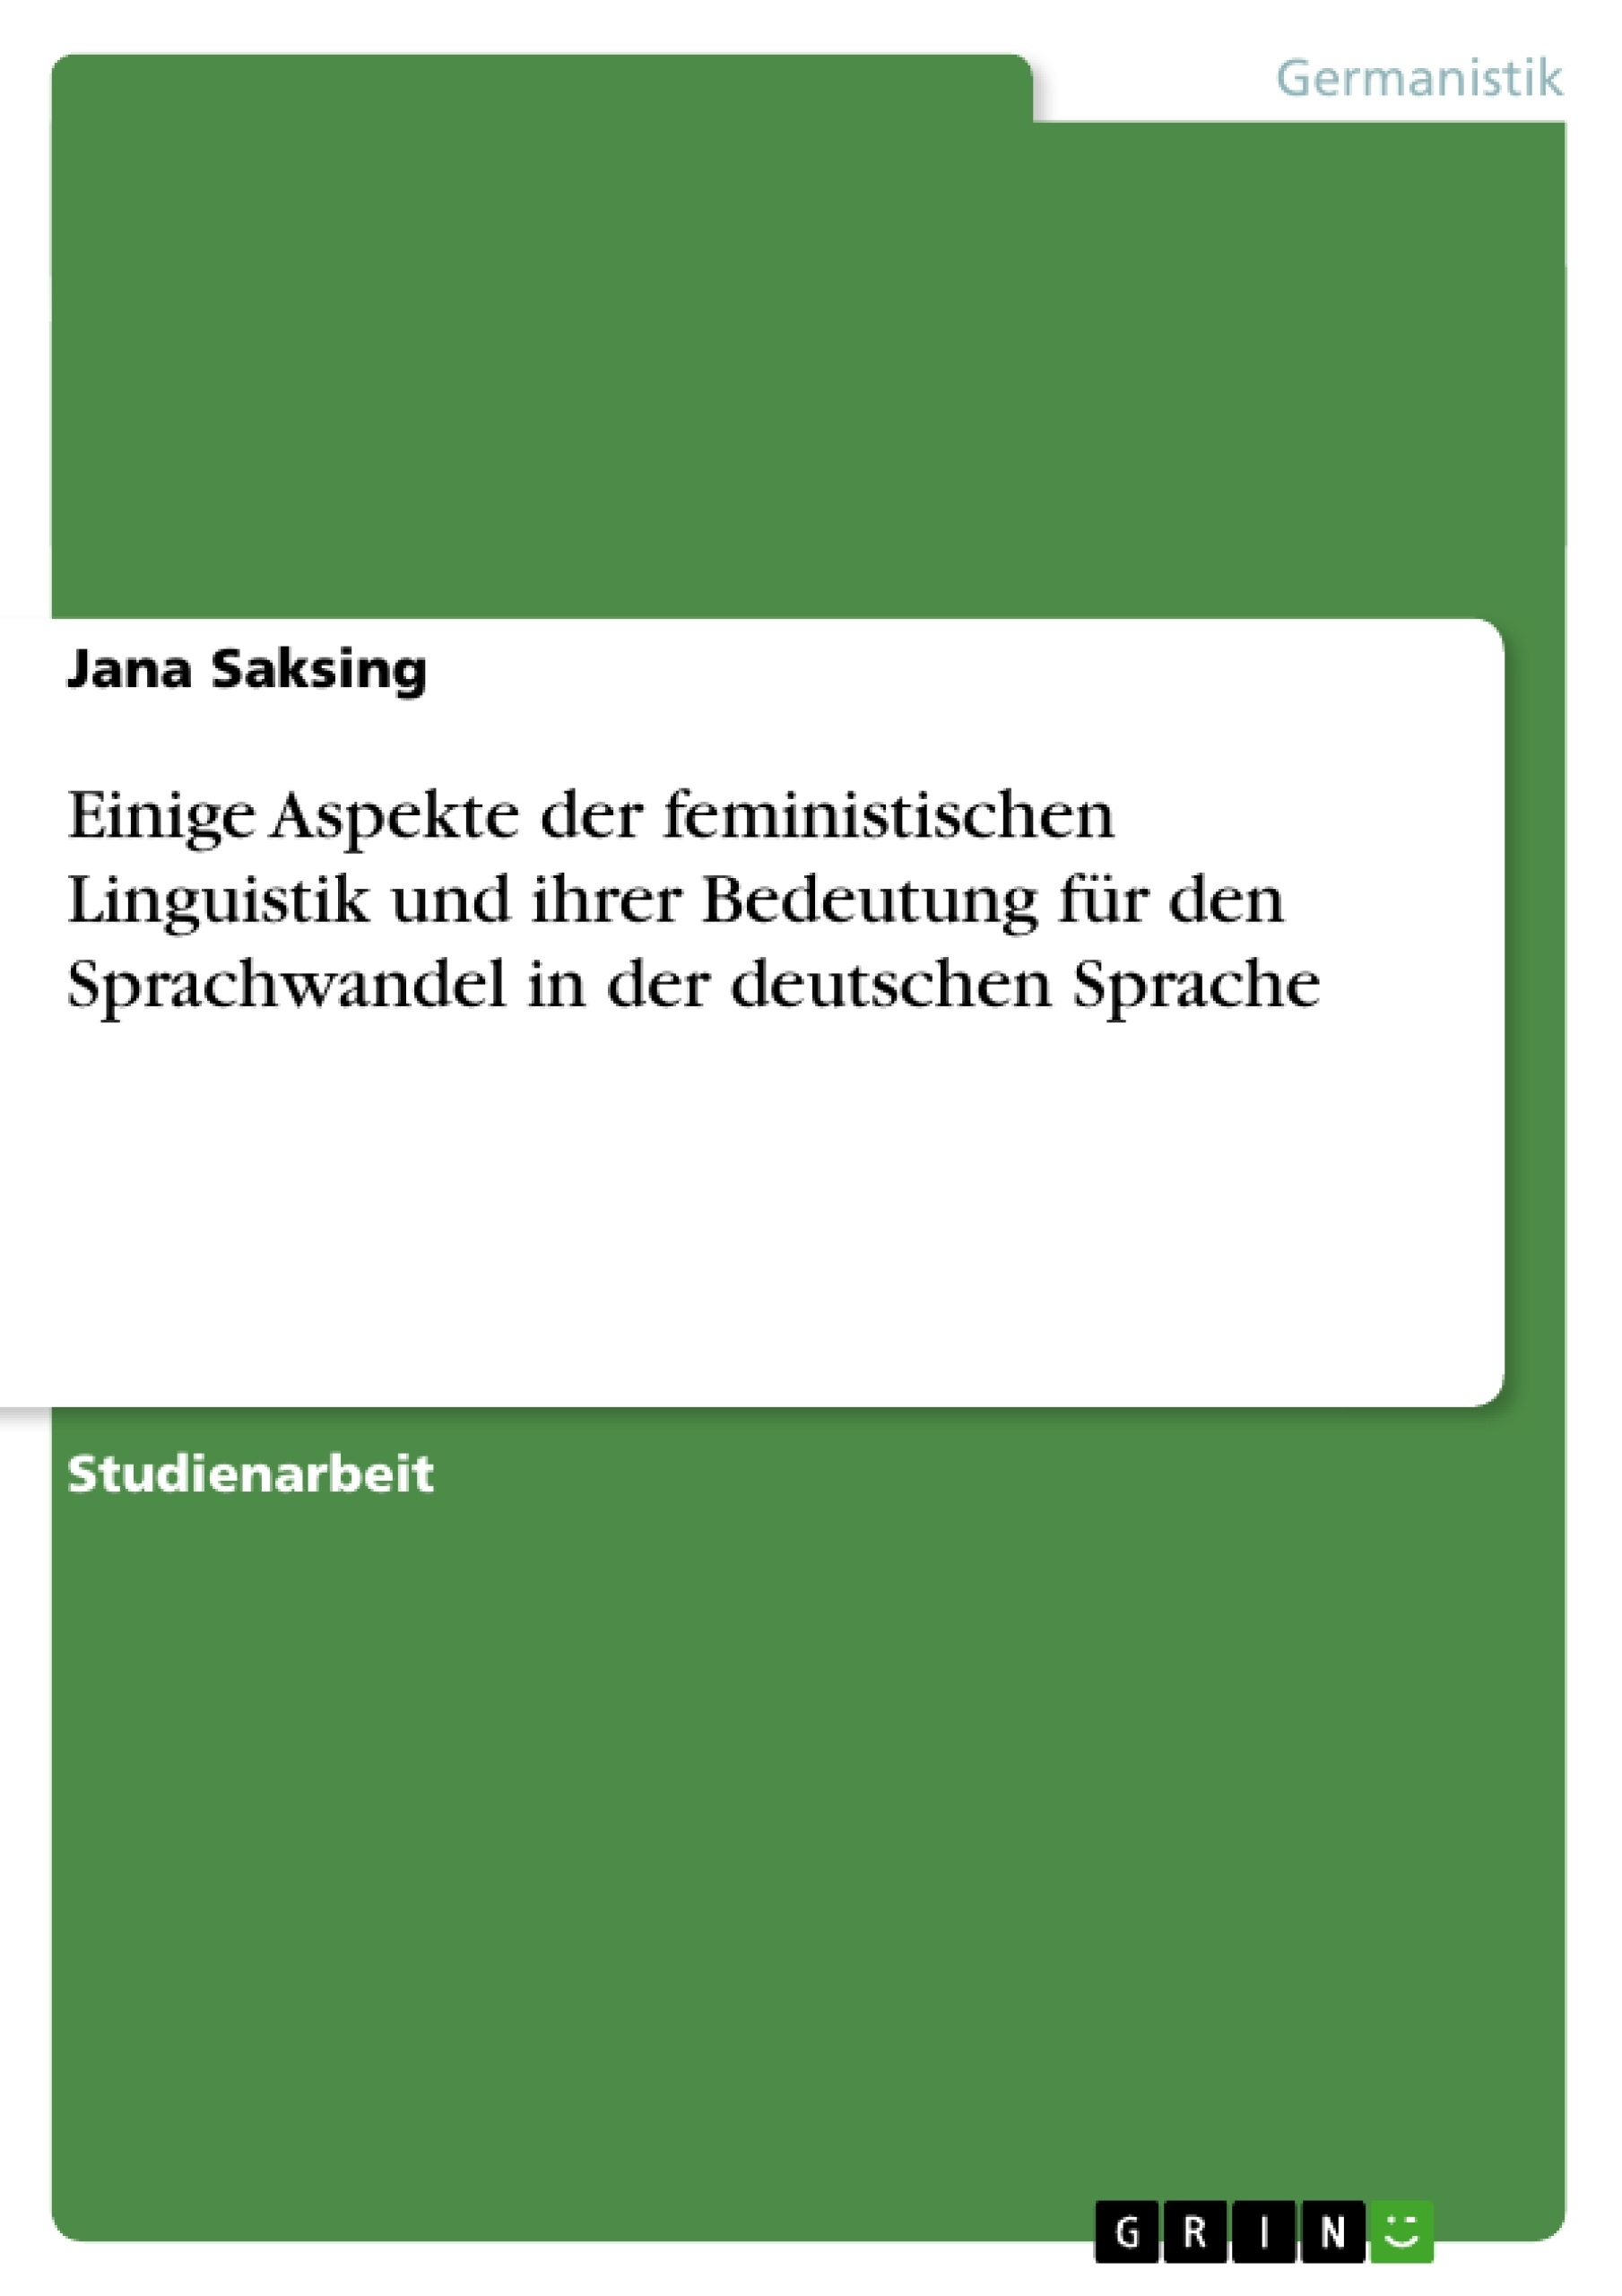 Titel: Einige Aspekte der feministischen Linguistik und ihrer Bedeutung für den Sprachwandel in der deutschen Sprache